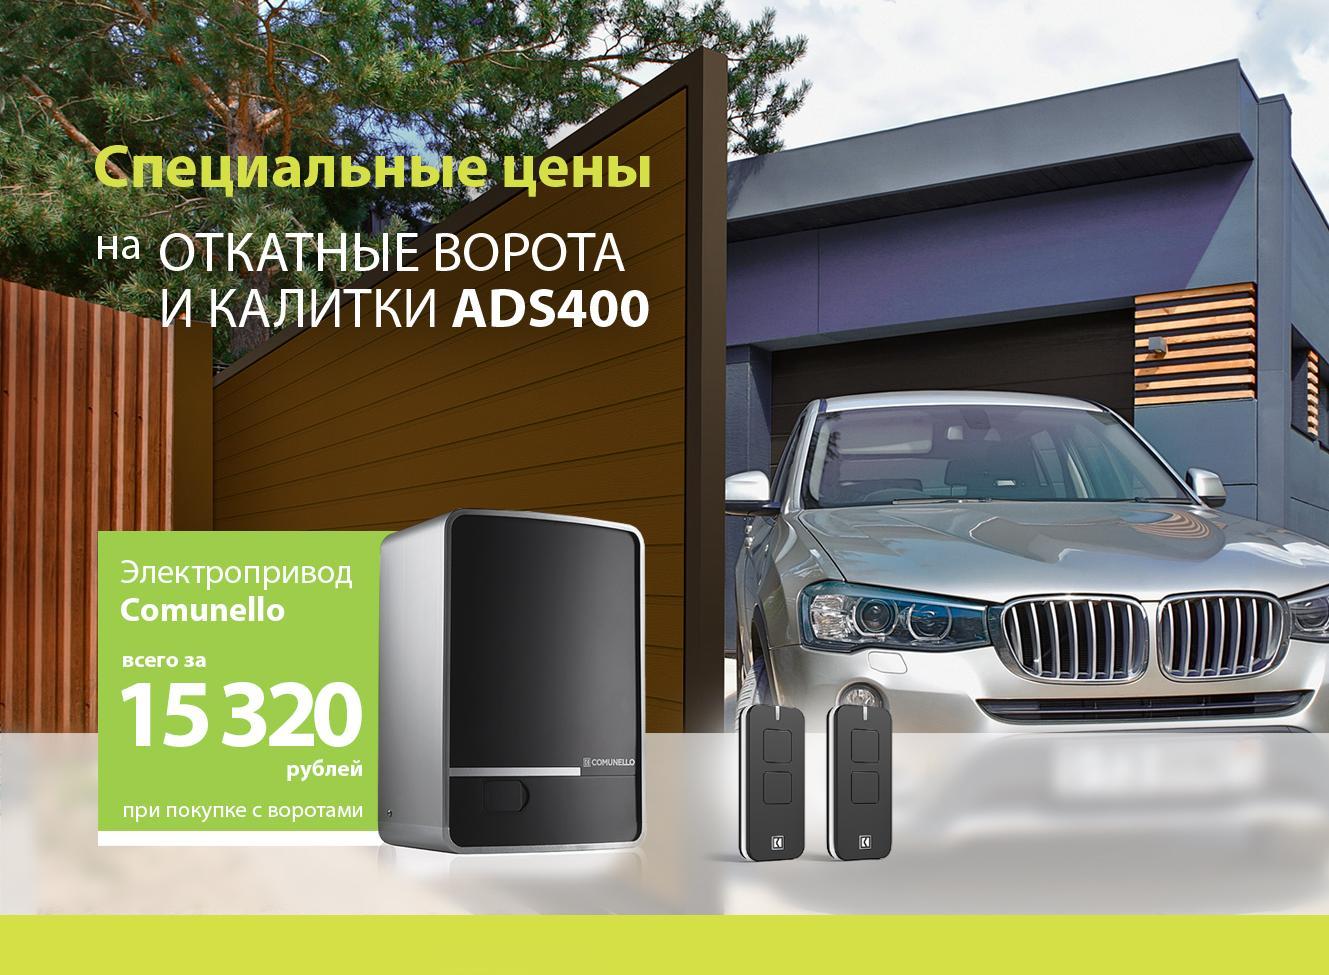 Выгодные открытия с воротами «АЛЮТЕХ»: производитель предлагает специальные цены на откатные конструкции и калитки ADS400